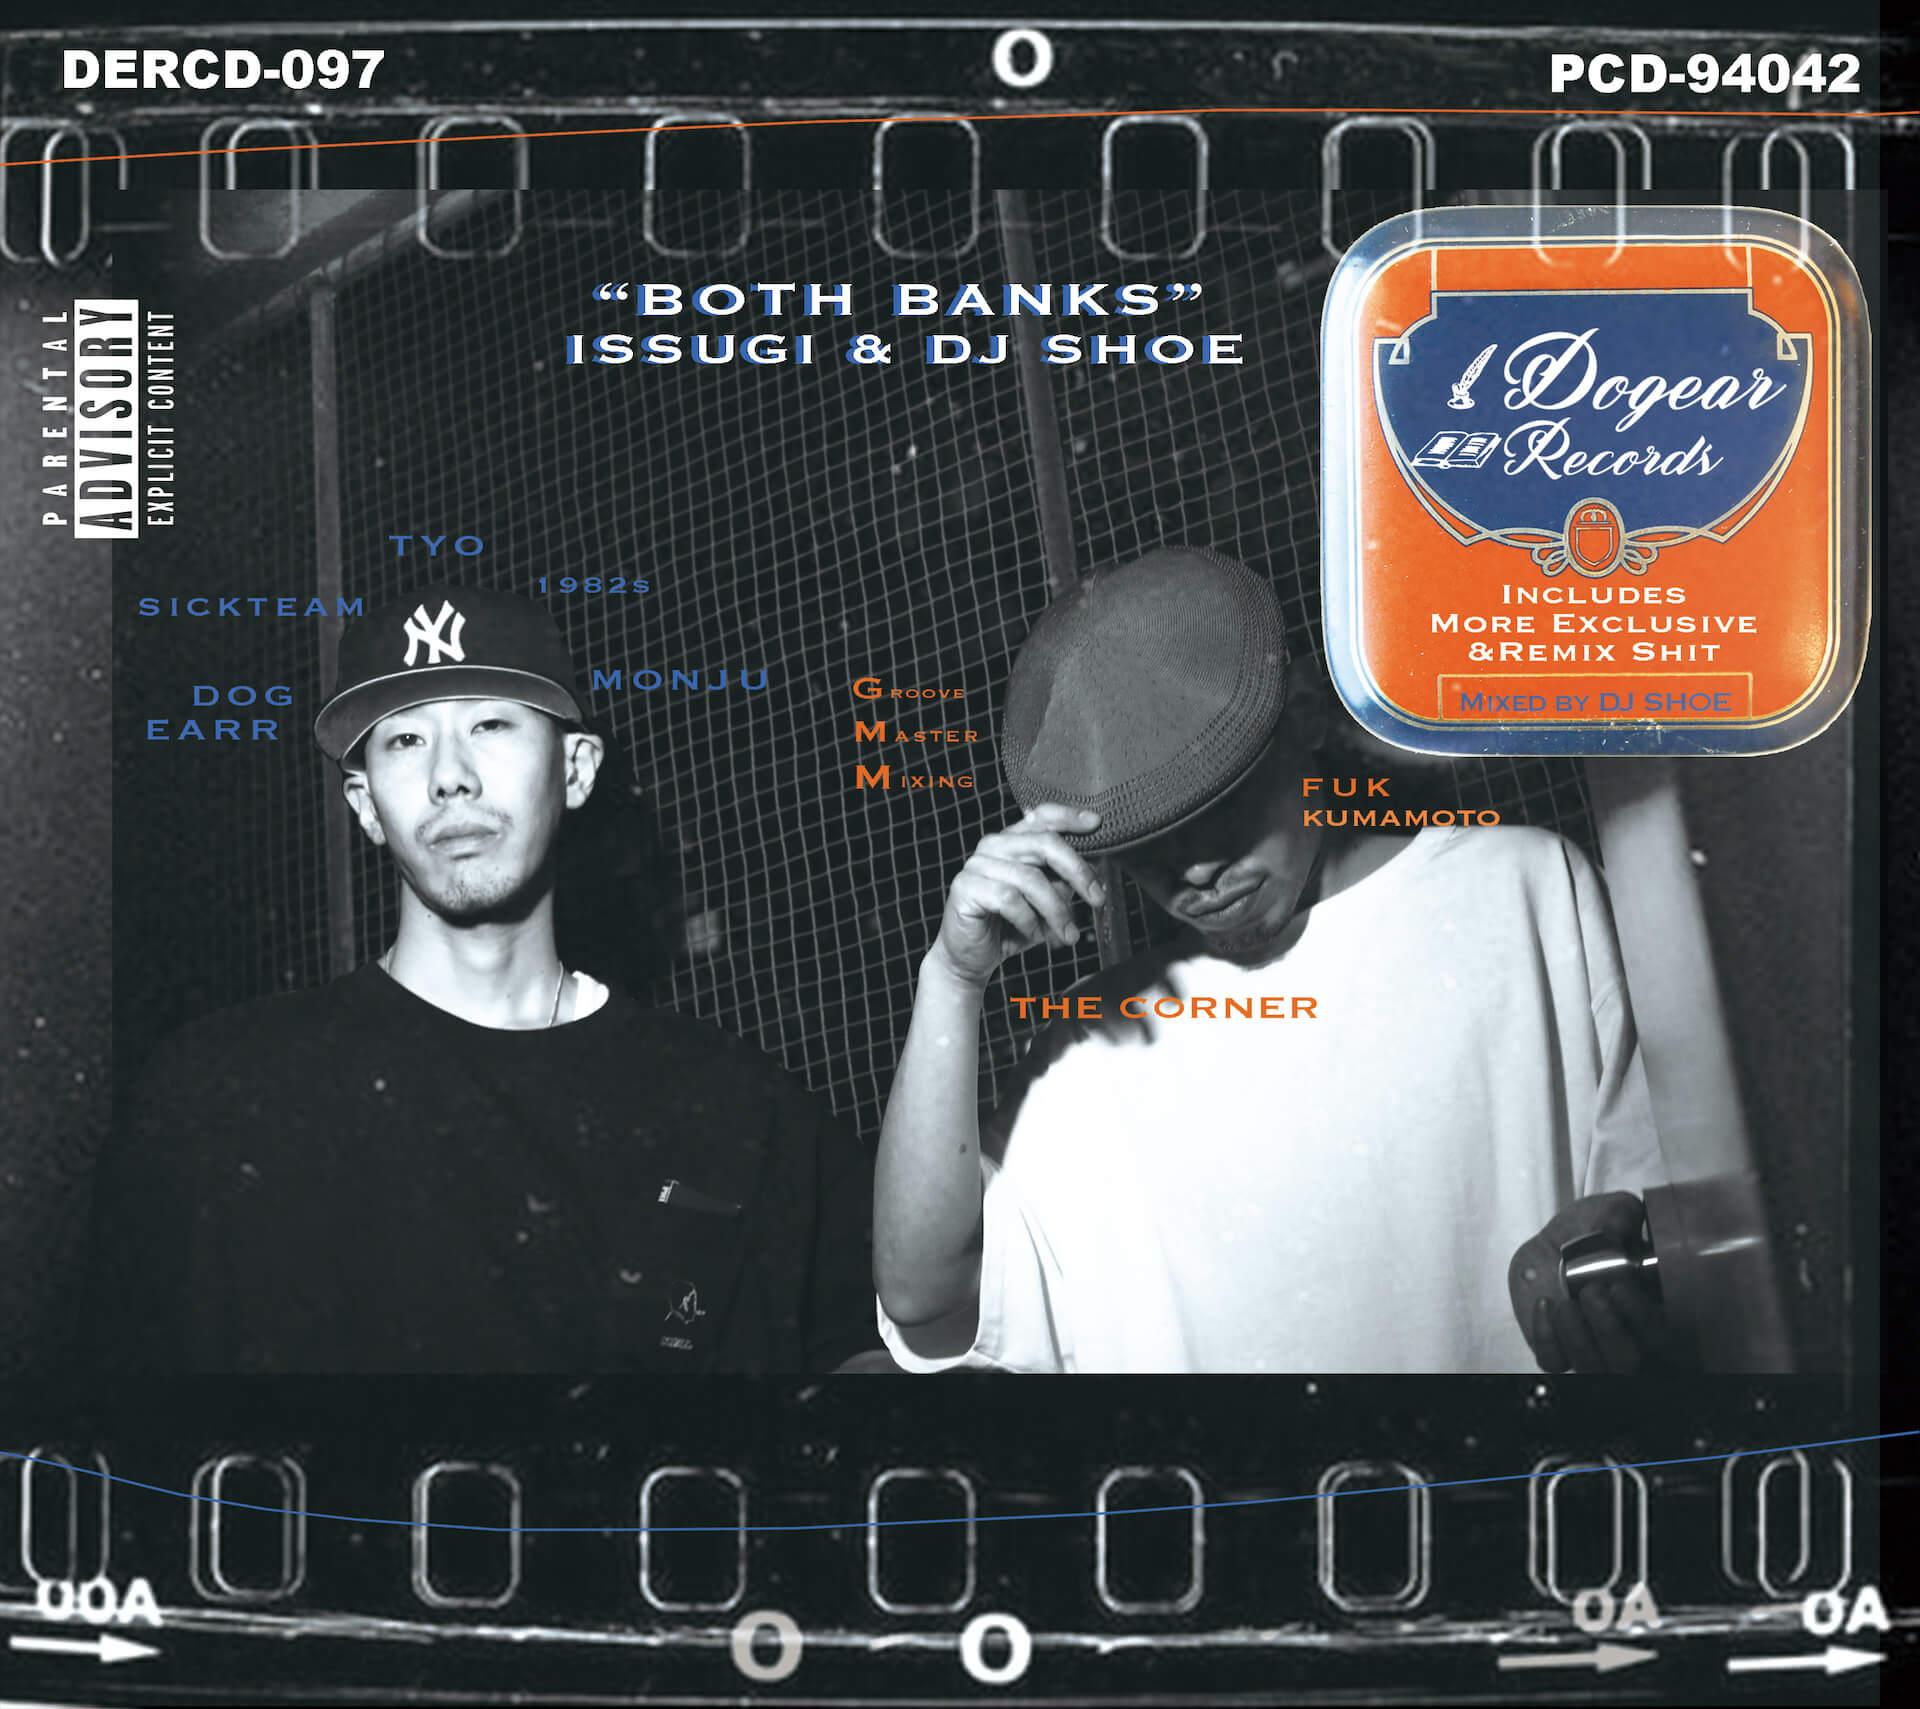 ISSUGIがDJ SHOEとのコラボで放つミックスアルバム『Both Banks』をリリース決定! music_210708_isscgi1